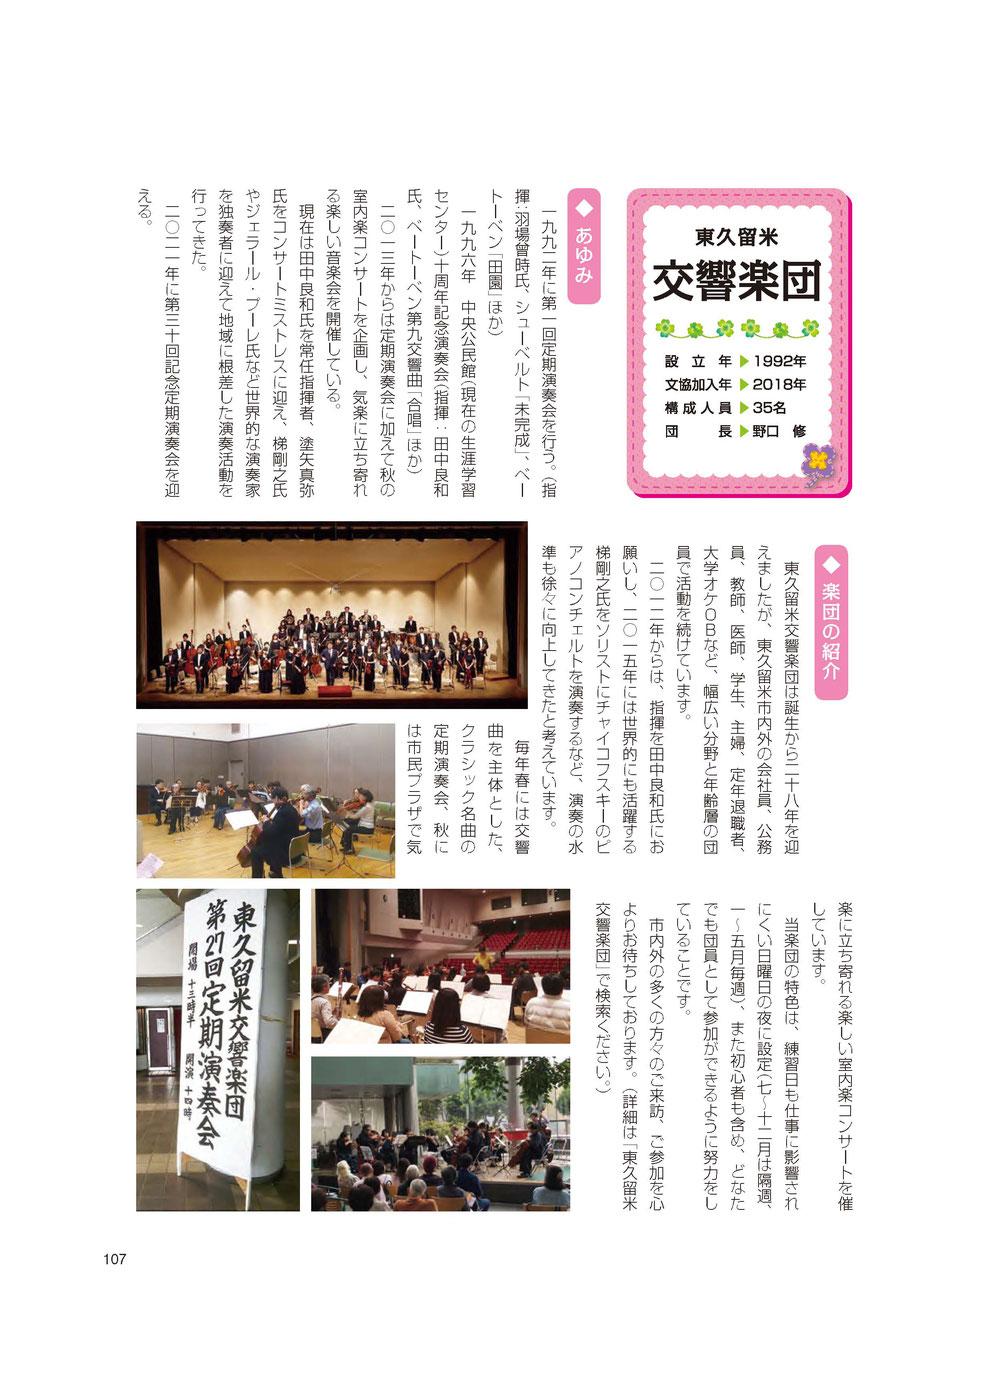 東久留米 交響楽団